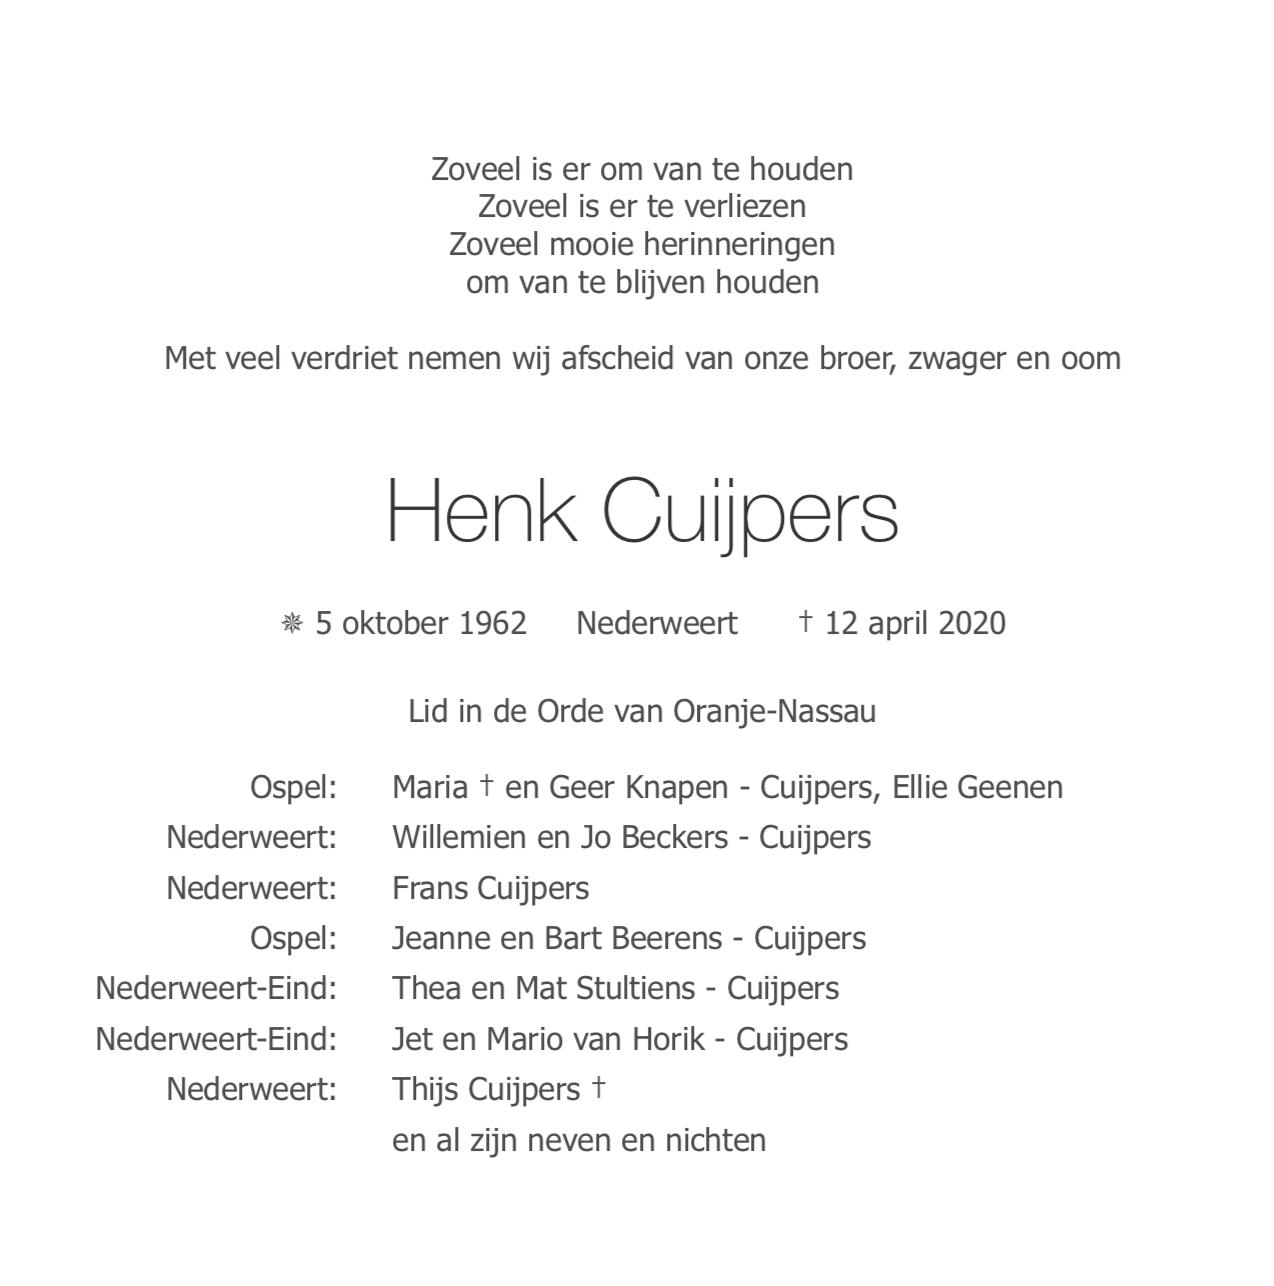 Overlijdensbericht-Henk-Cuijpers 2